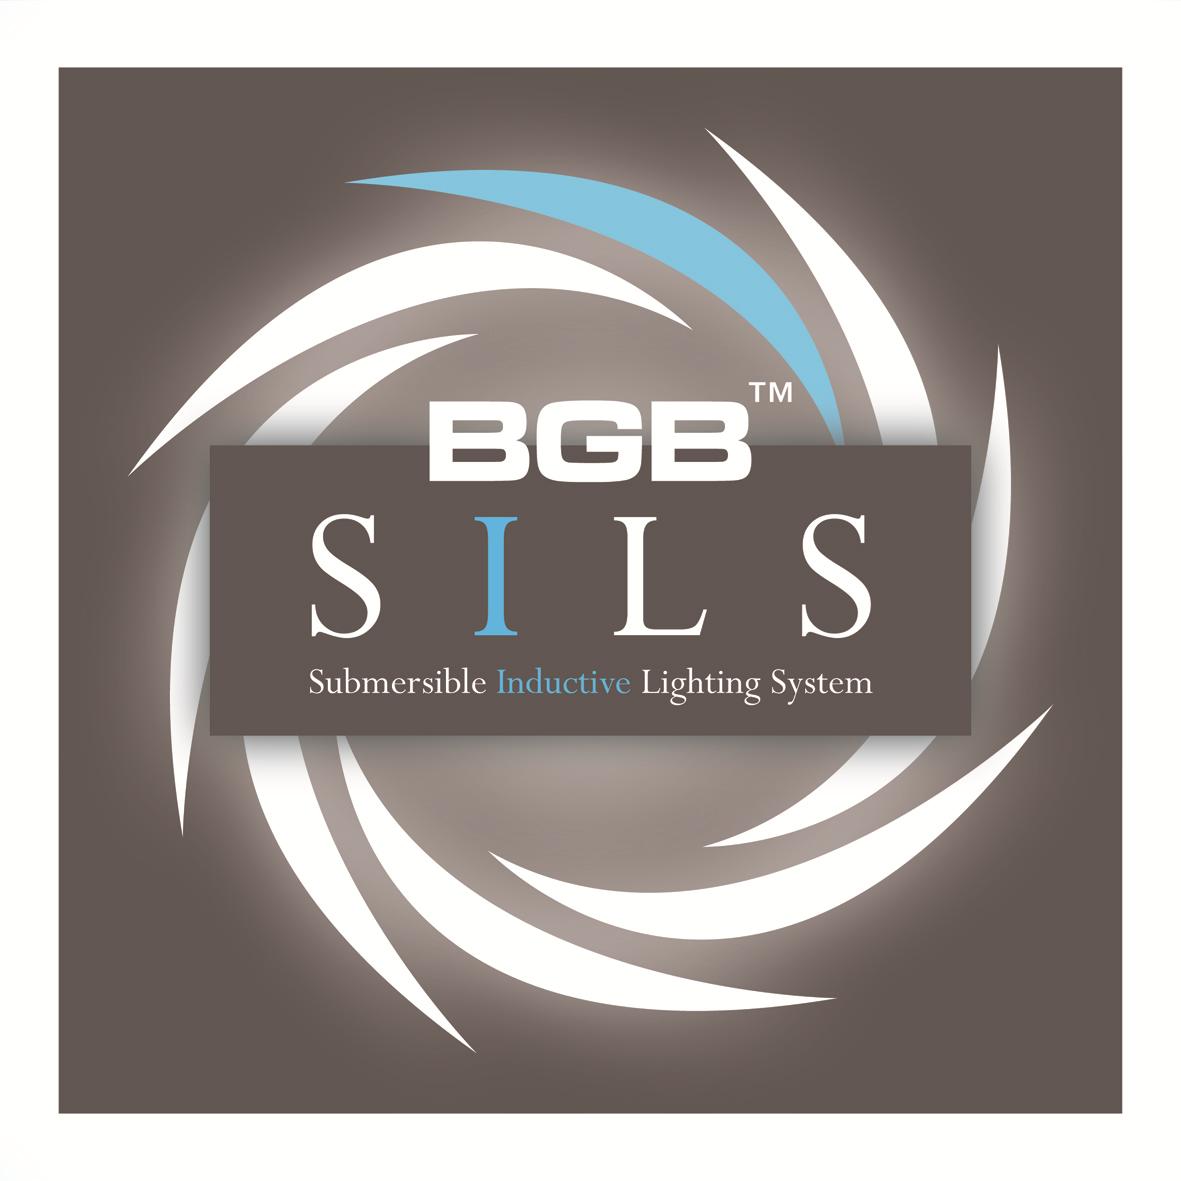 BGB SILS